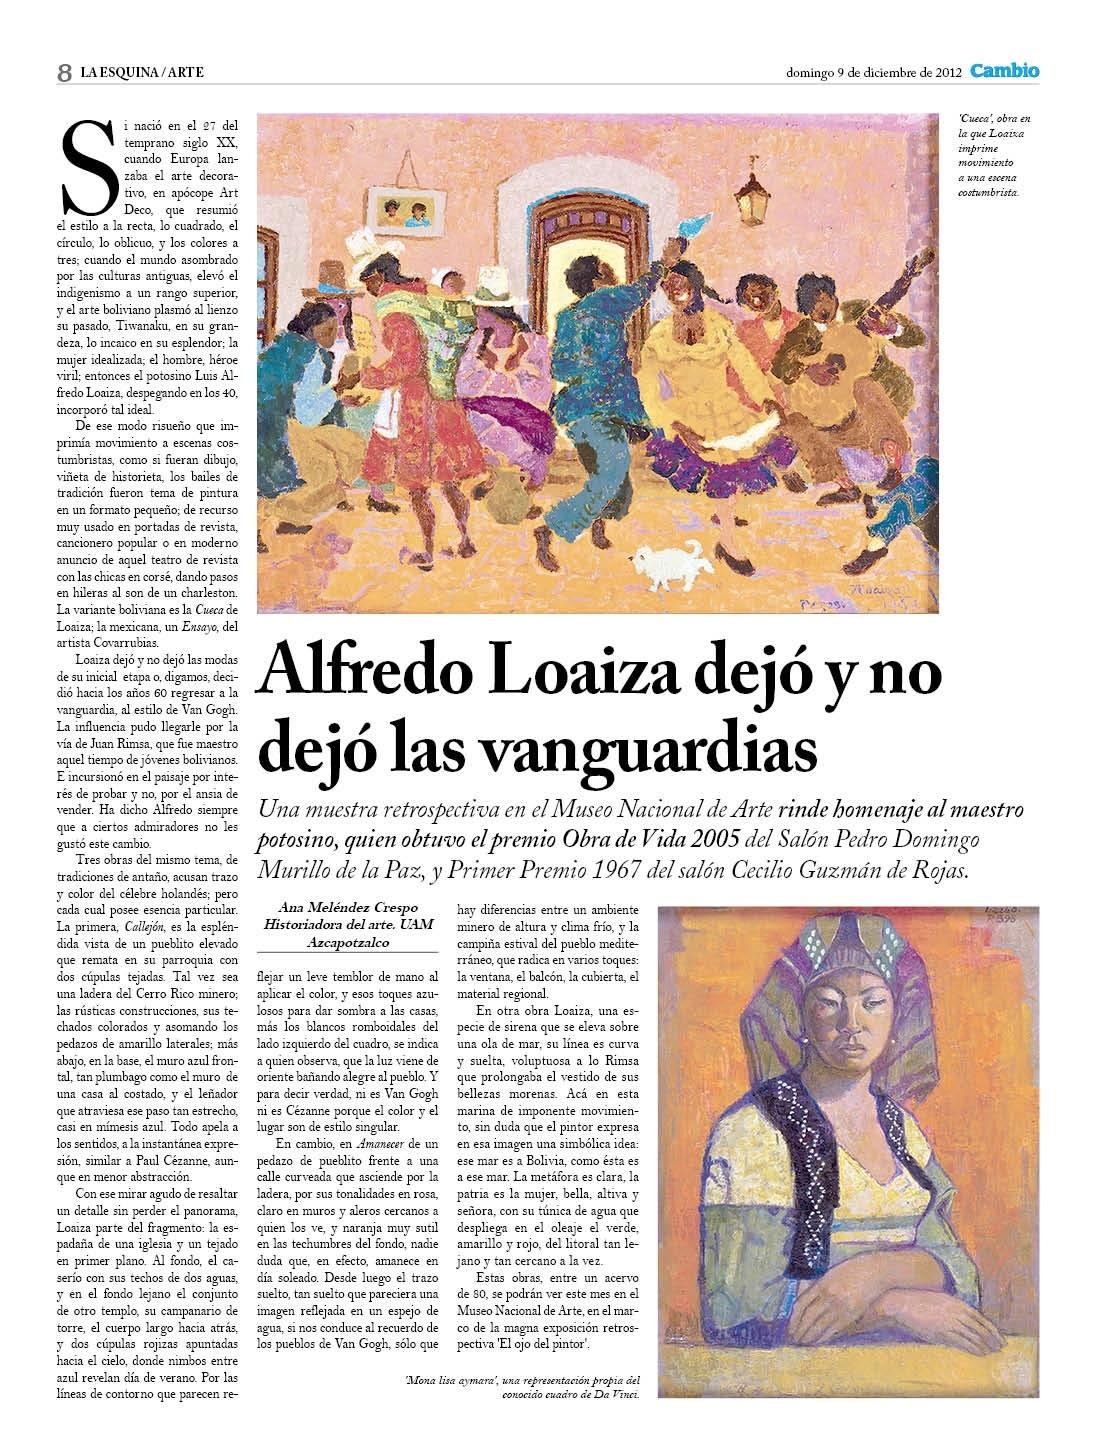 Alfredo Loaiza dejó y no dejó las vanguardias